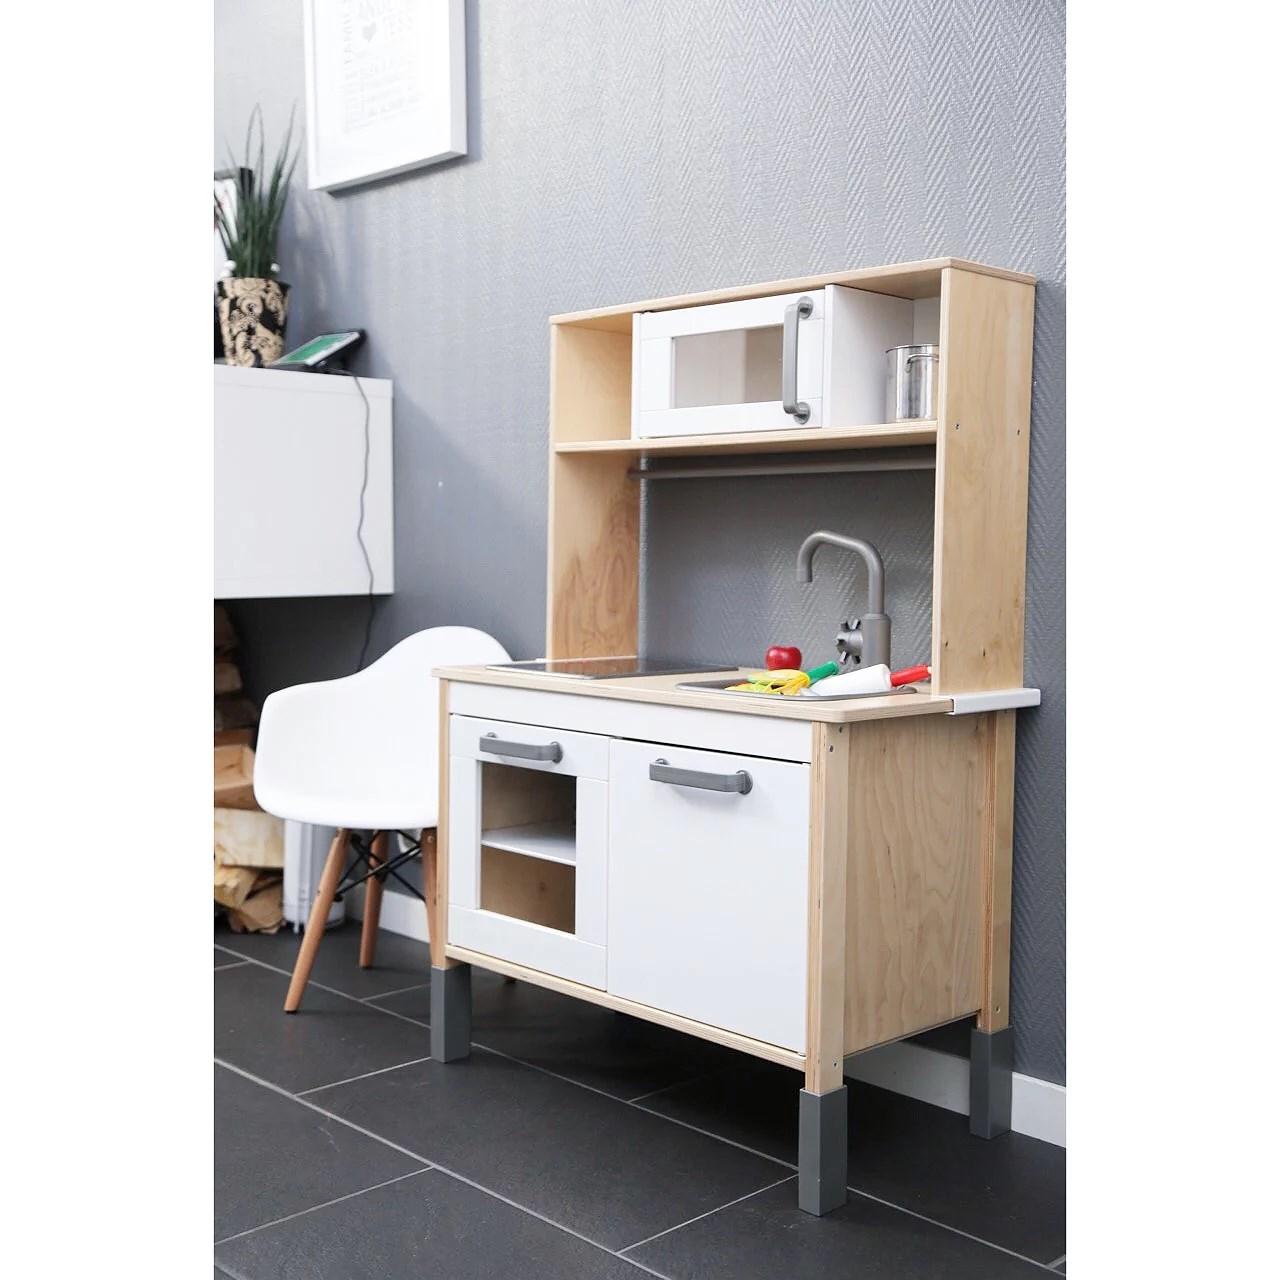 DIY IKEA KÖK